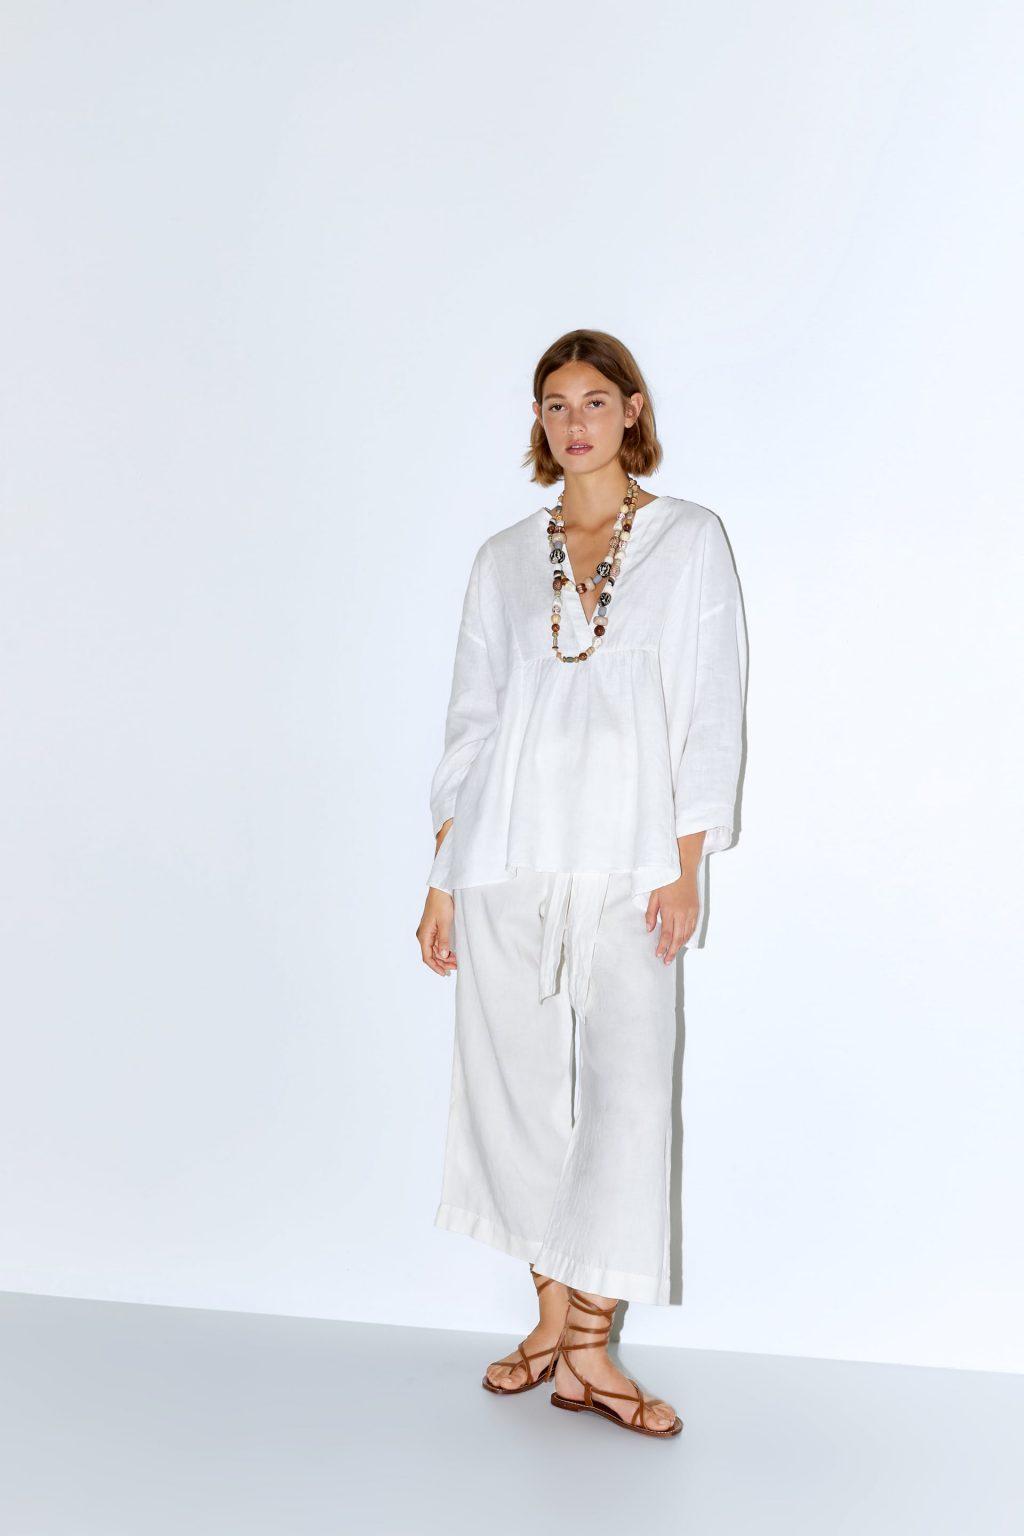 trang phục linen - áo phom rộng và dây chuyền